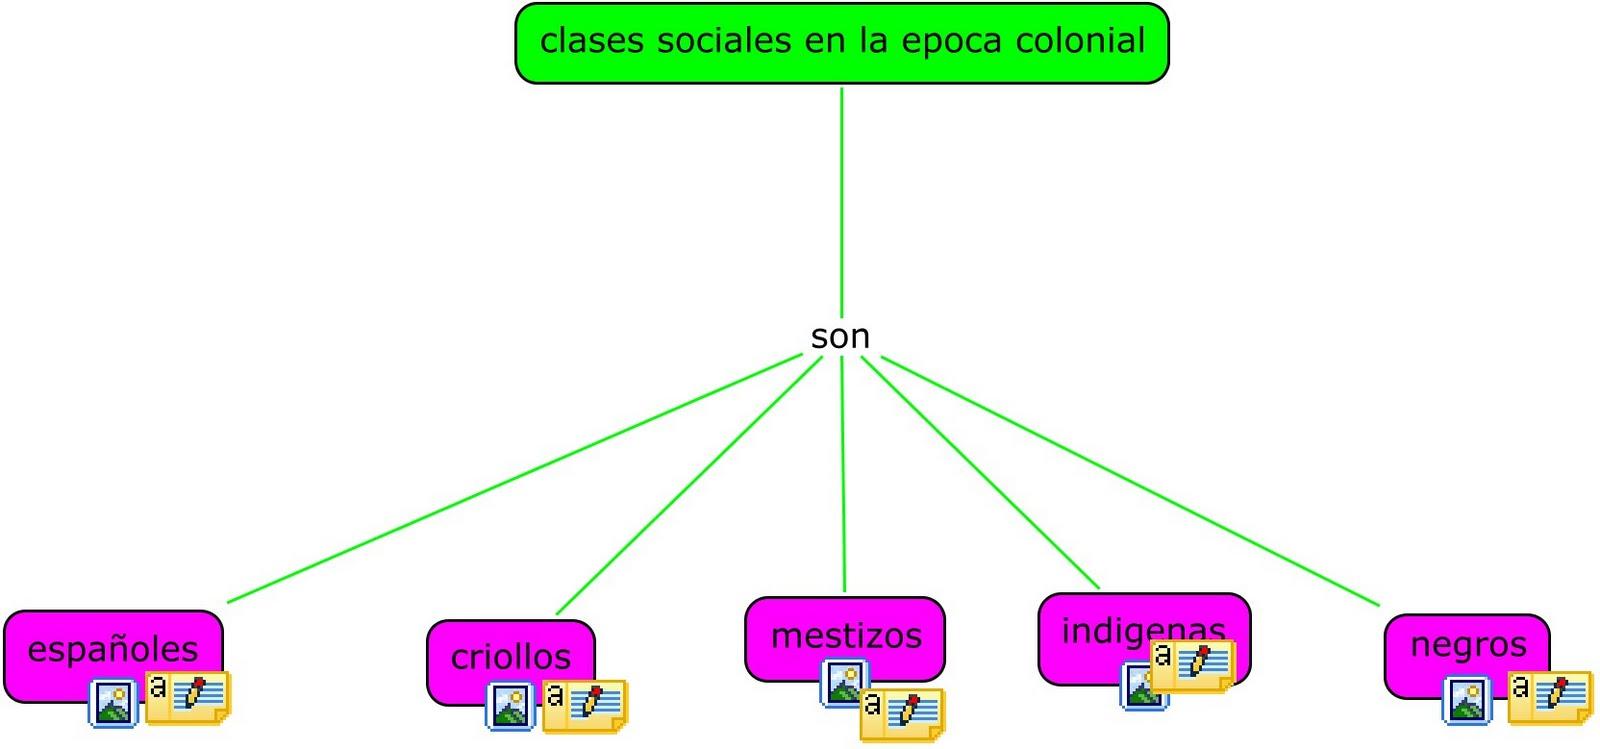 clases sociales en la epoca colonial